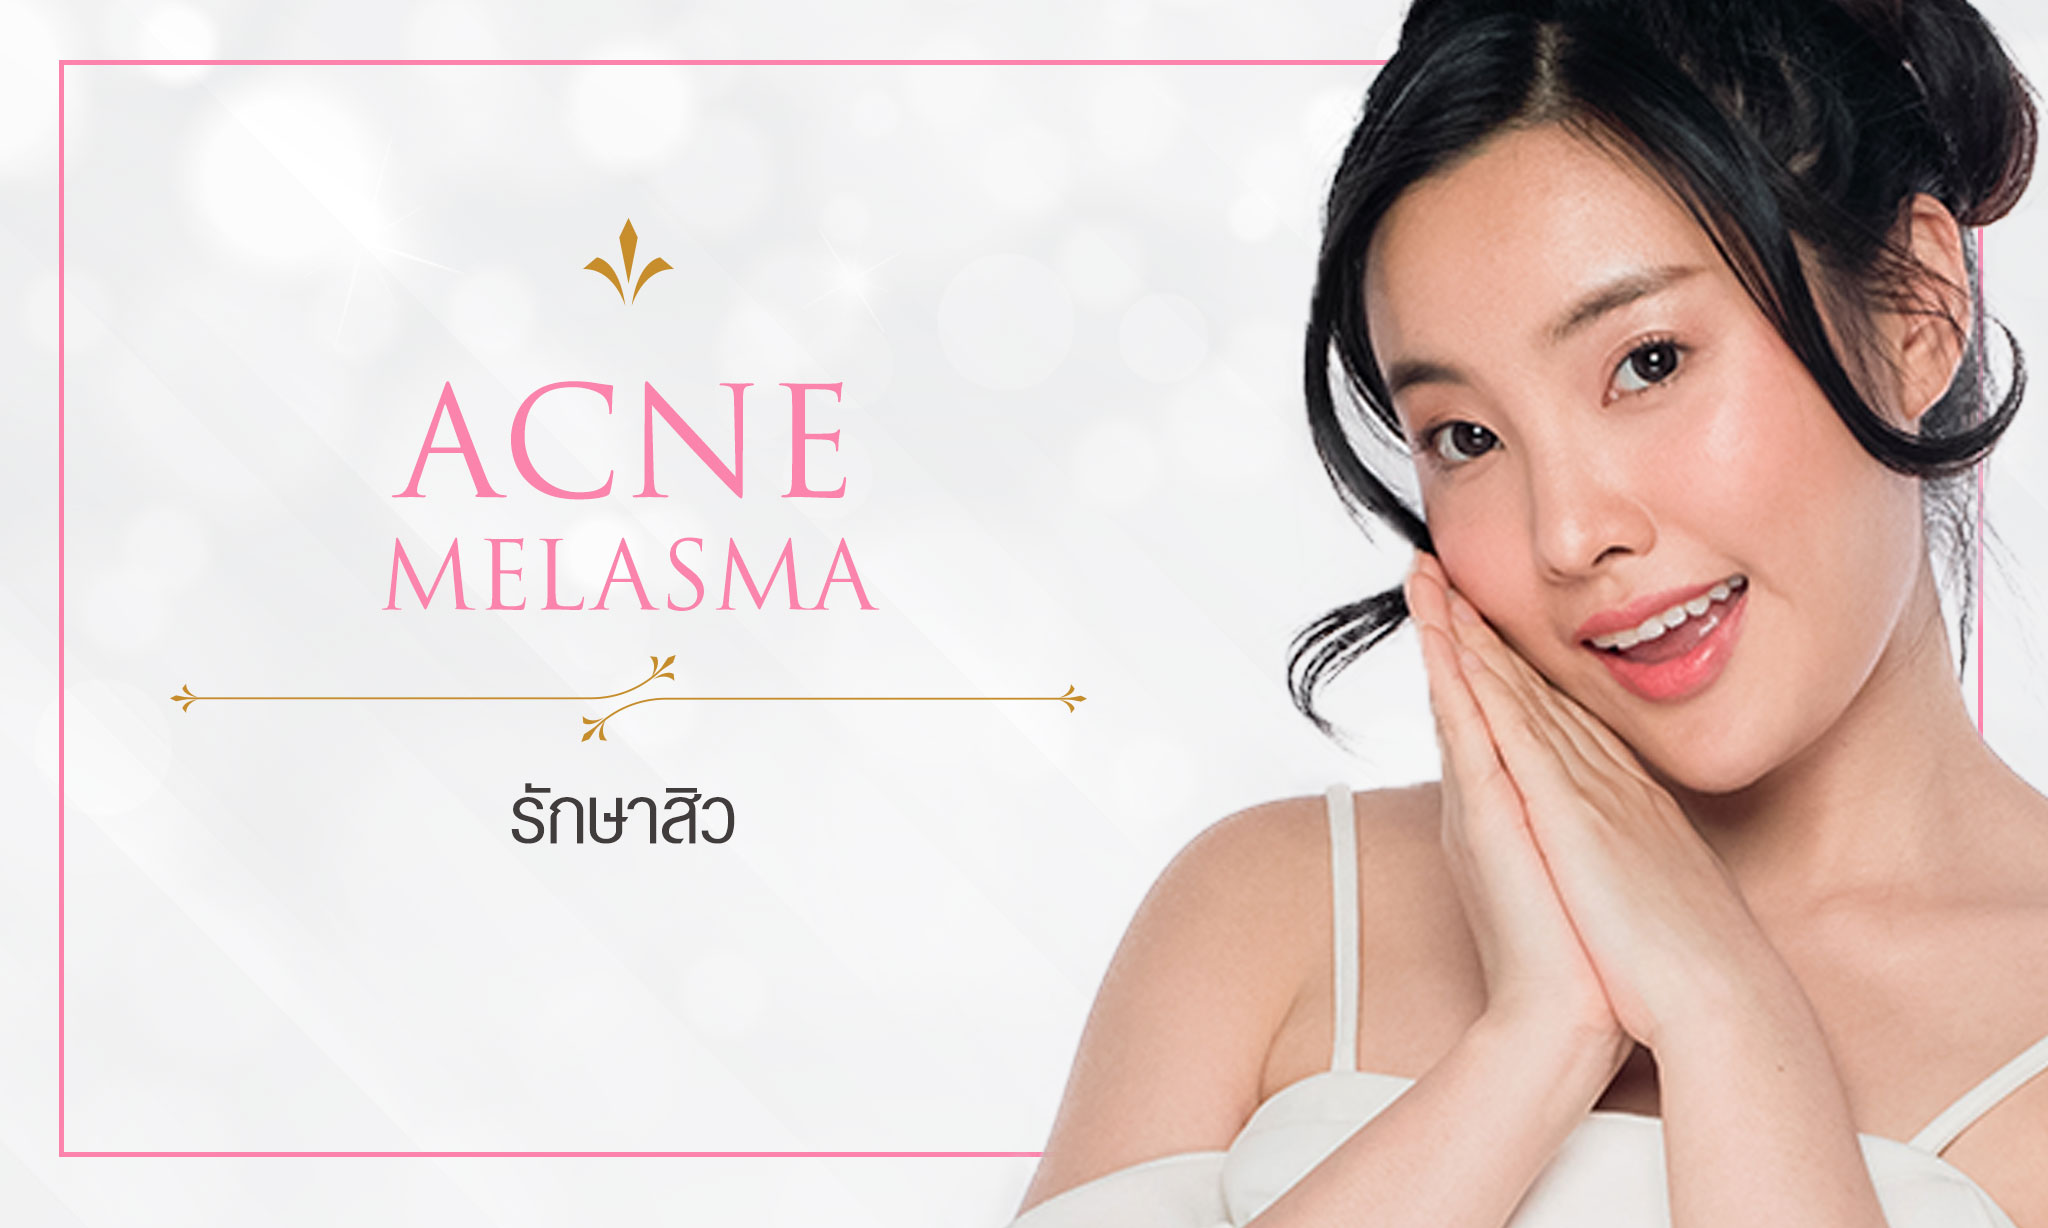 acne-melasma-รักษาสิว-หมอกัน-ธีระธรฌ์